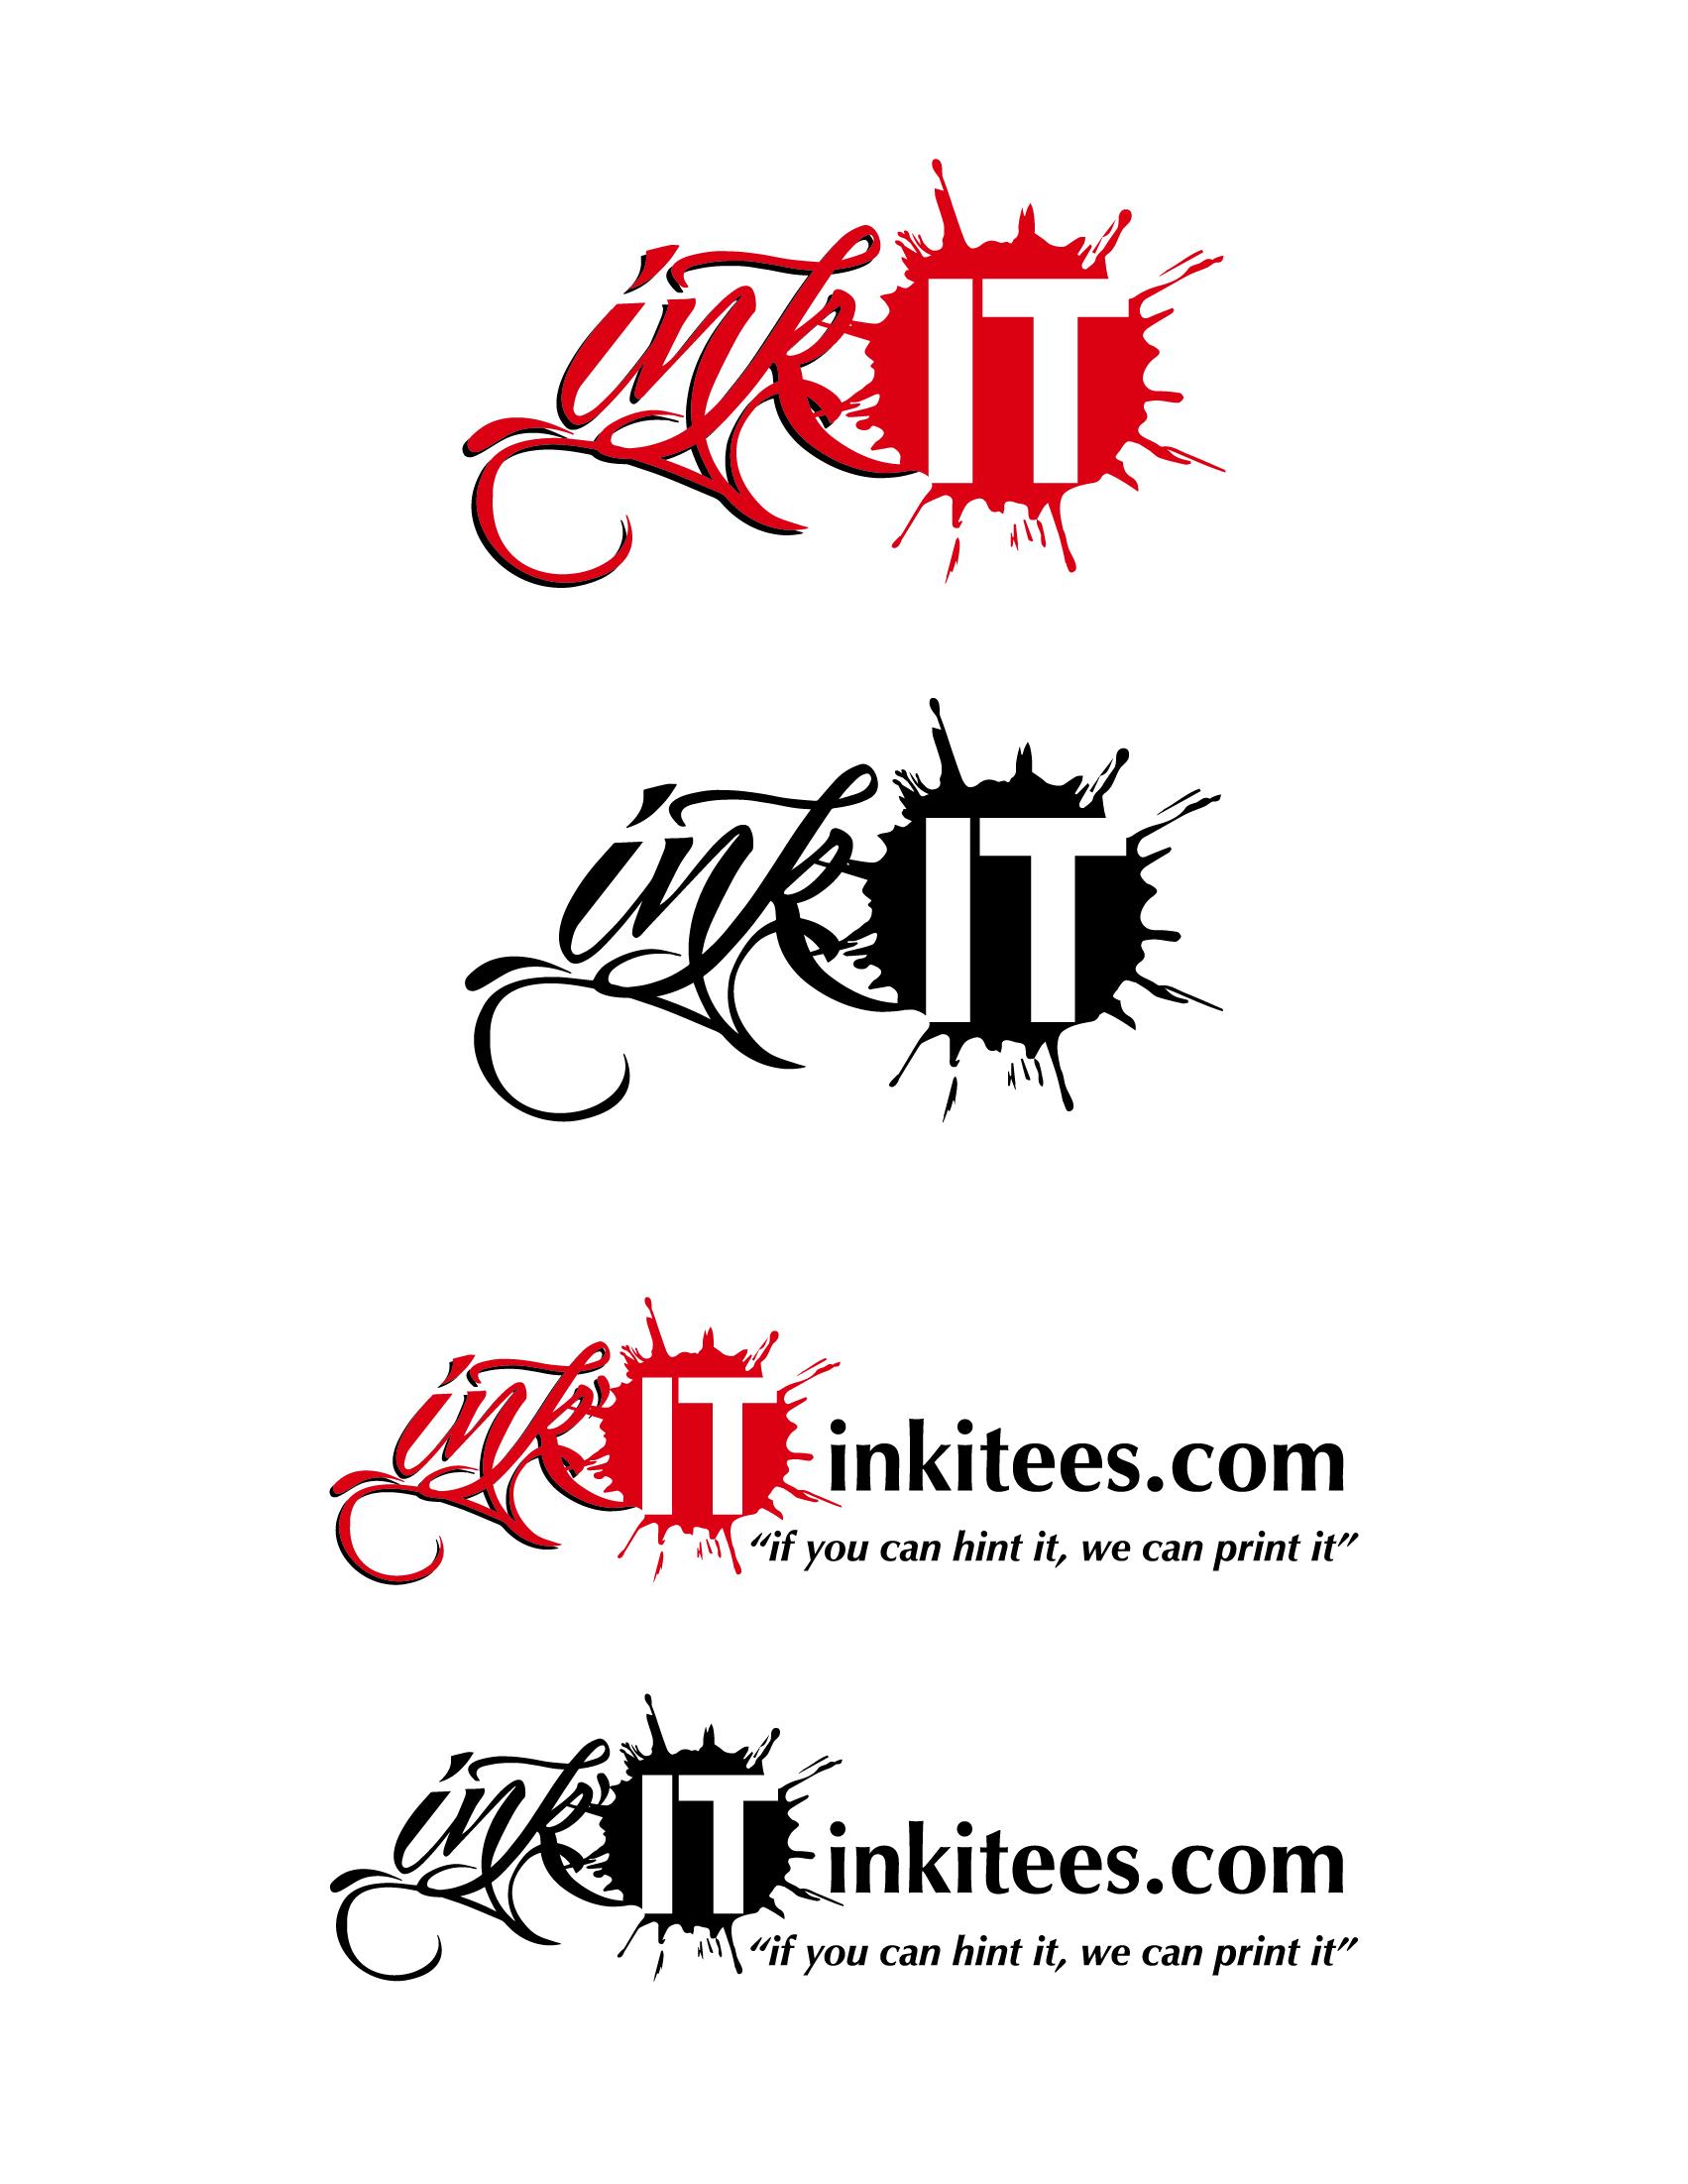 Ink It Tees logo 2